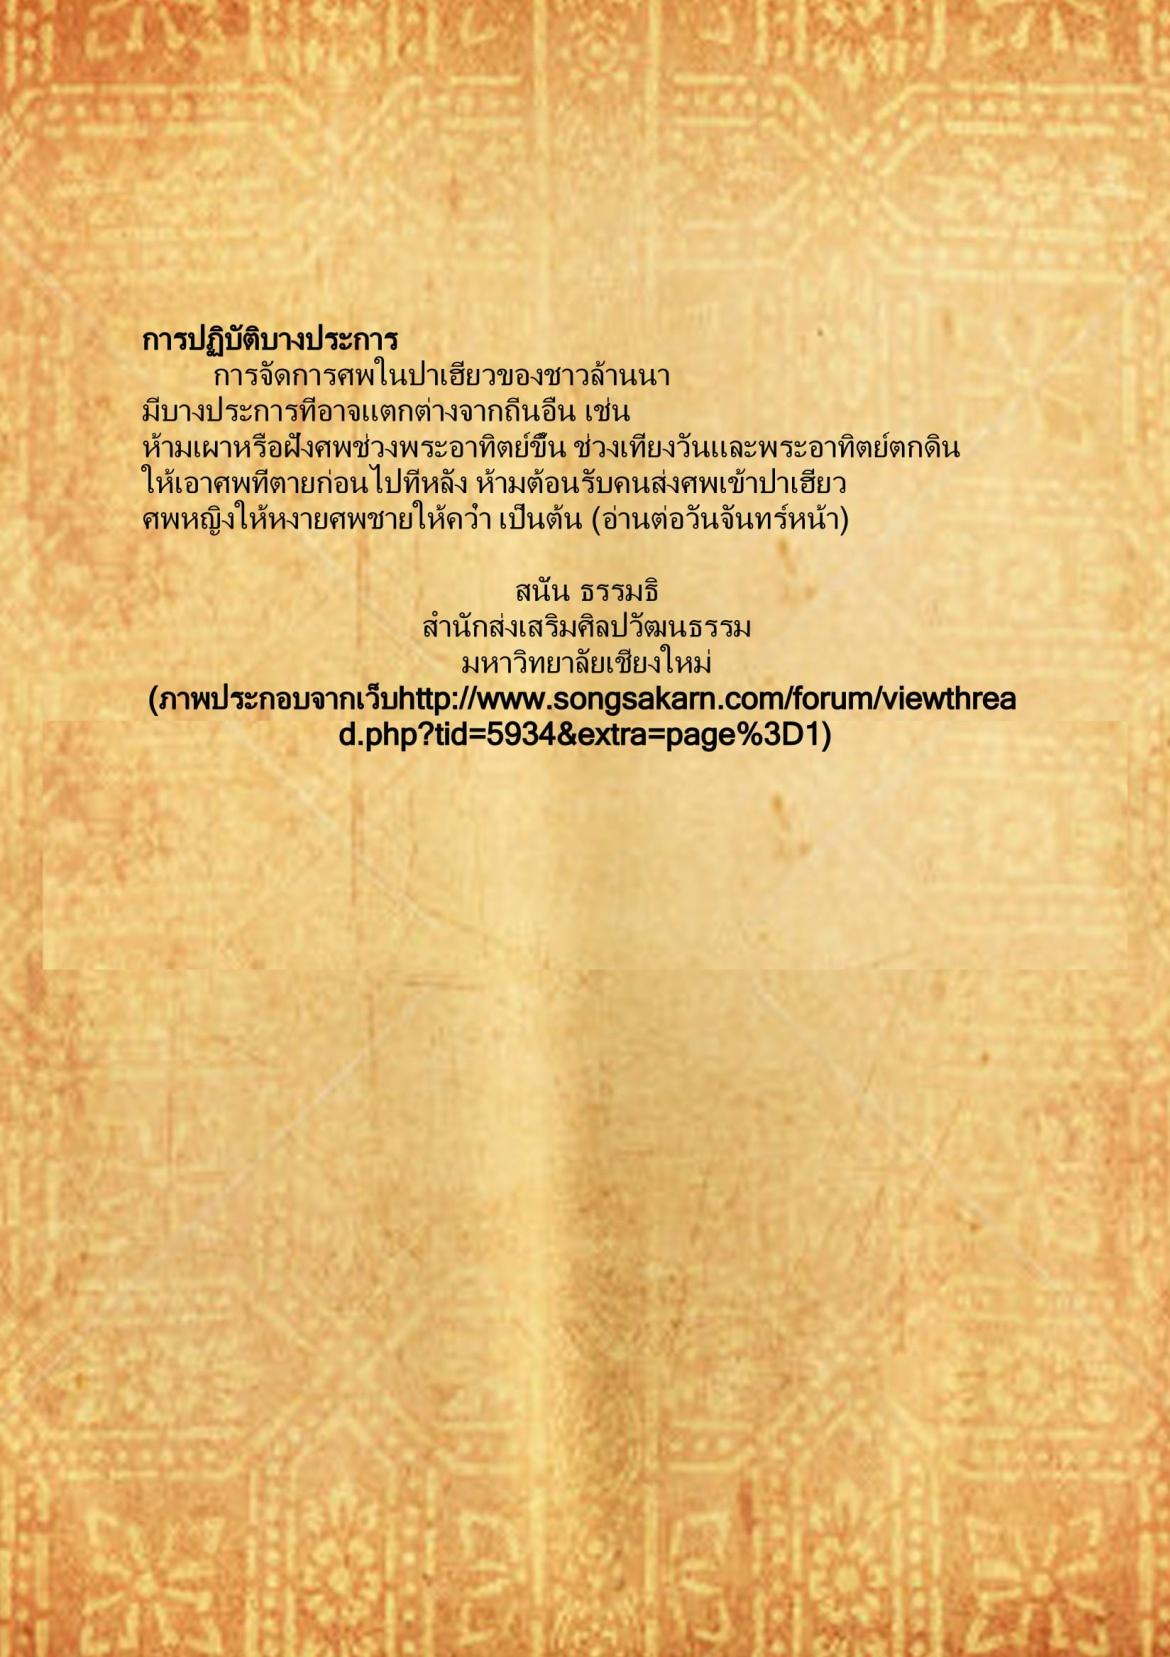 ปาเฮียว (5) - 19  ธันวาคม  2559